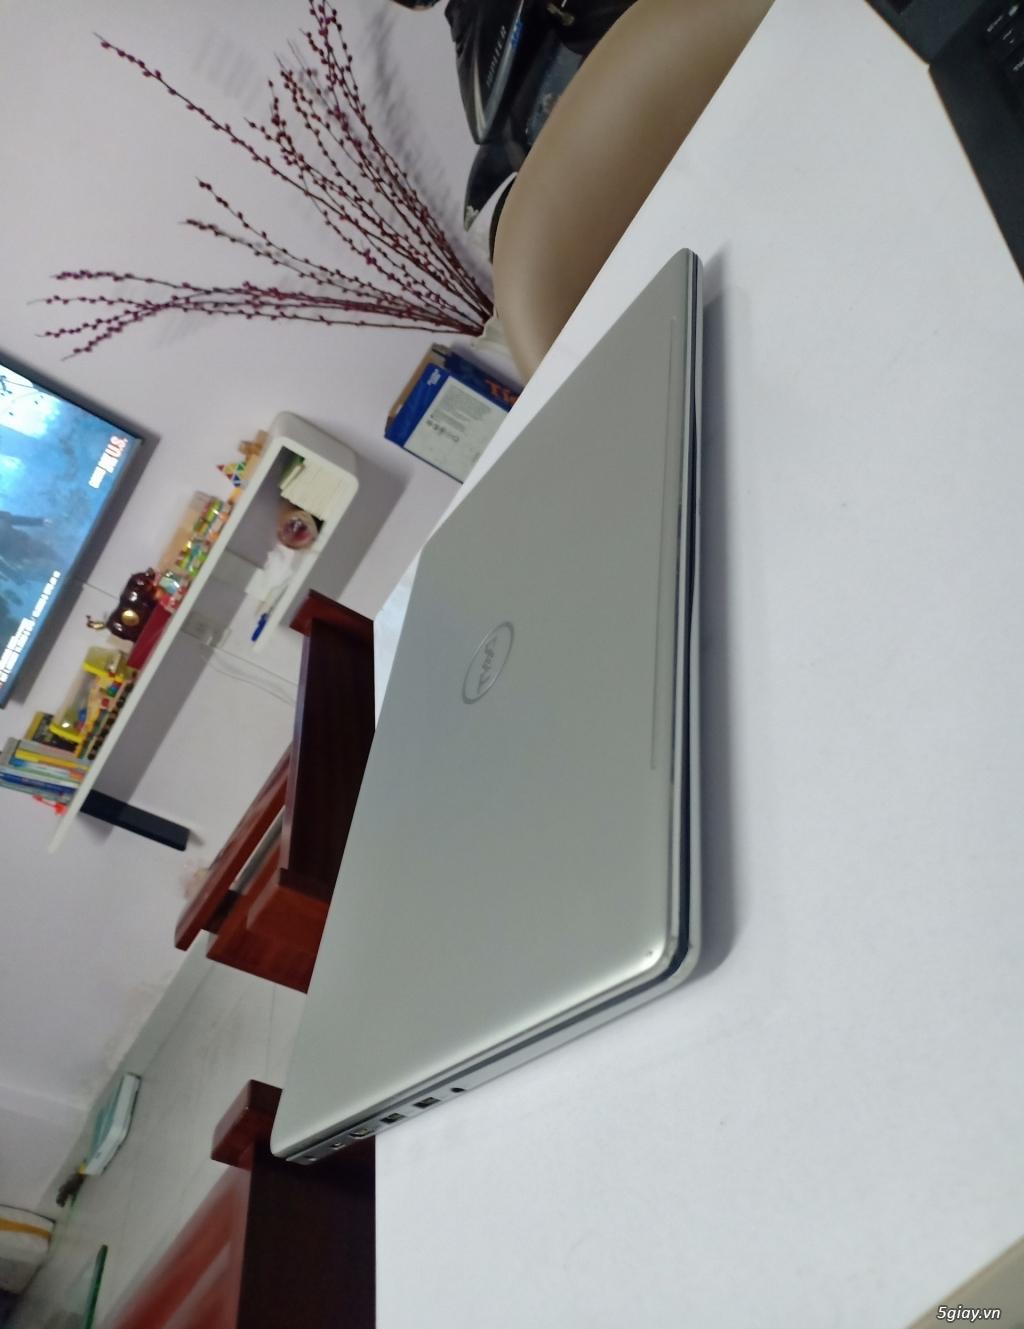 Dell Inspiron 7570: i7-8550U/ 8GB/ 128GB + 1TB/ VGA 940MX 4G - 2